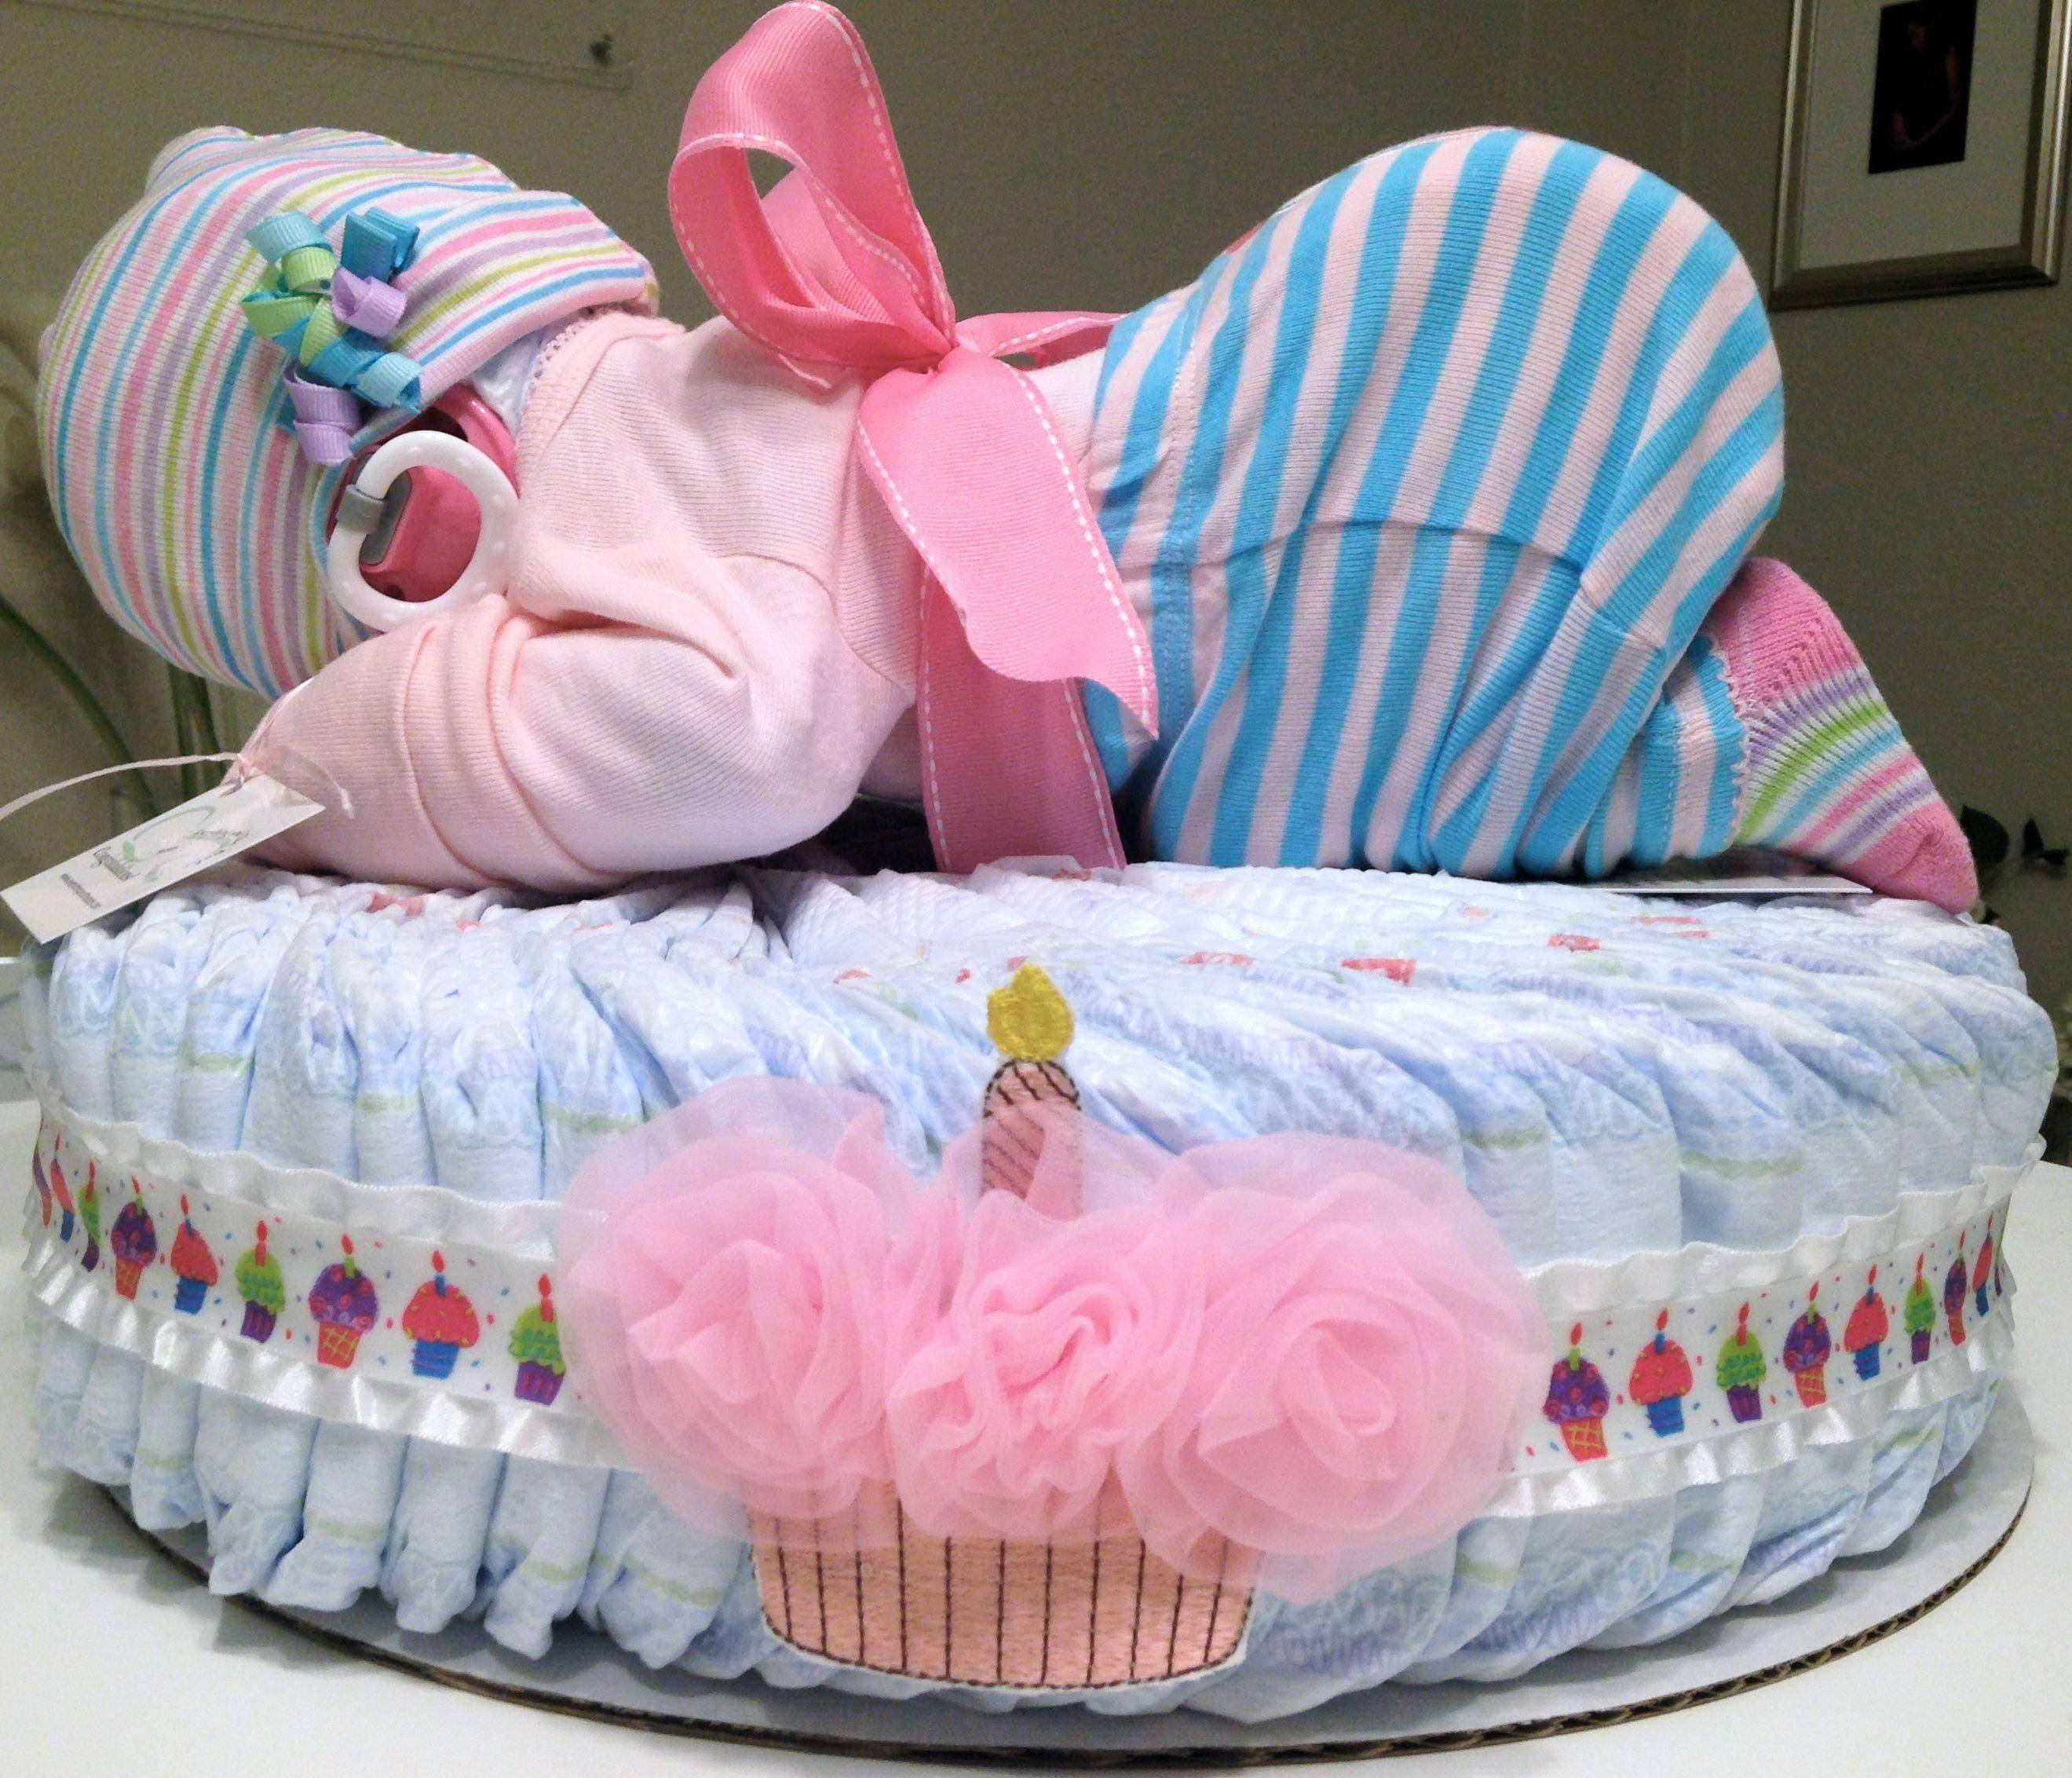 Торт из памперсов своими руками — прекрасная идея для подарка новорожденному